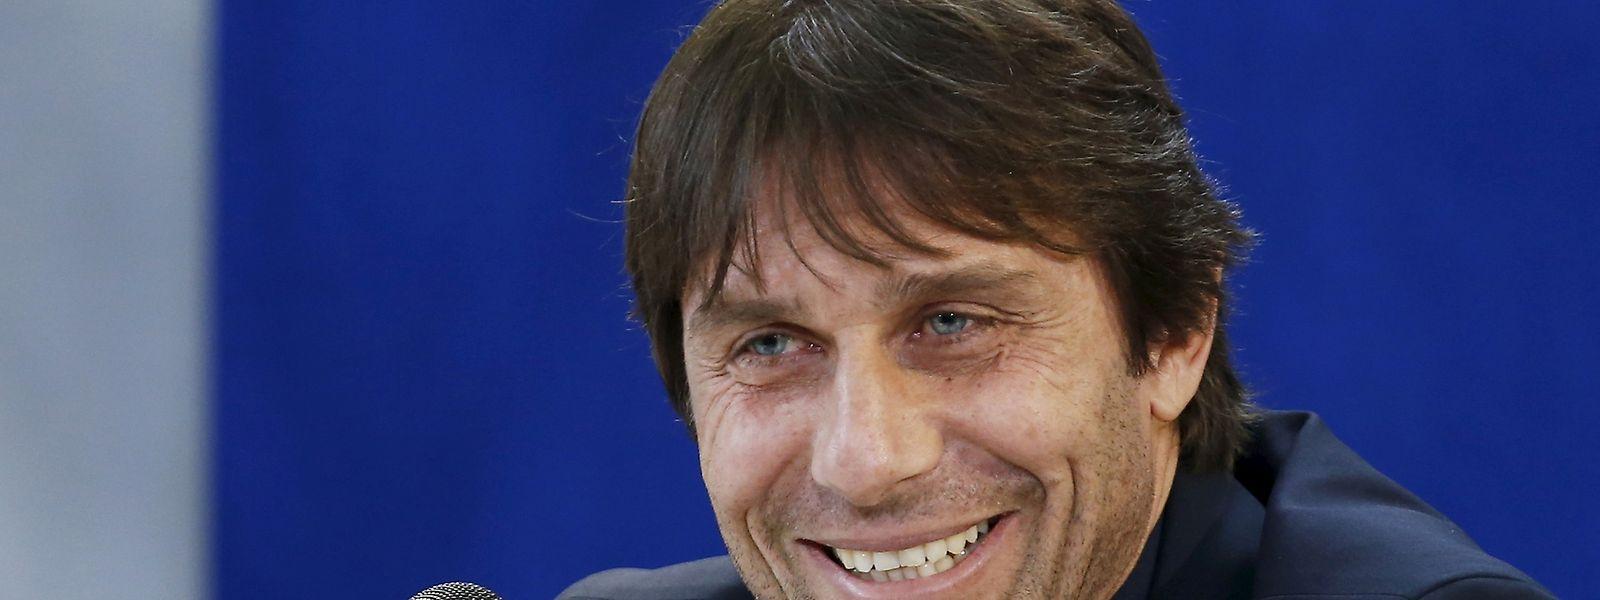 Antonio Conte soll den FC Chelsea zurück in die Erfolgsspur führen.